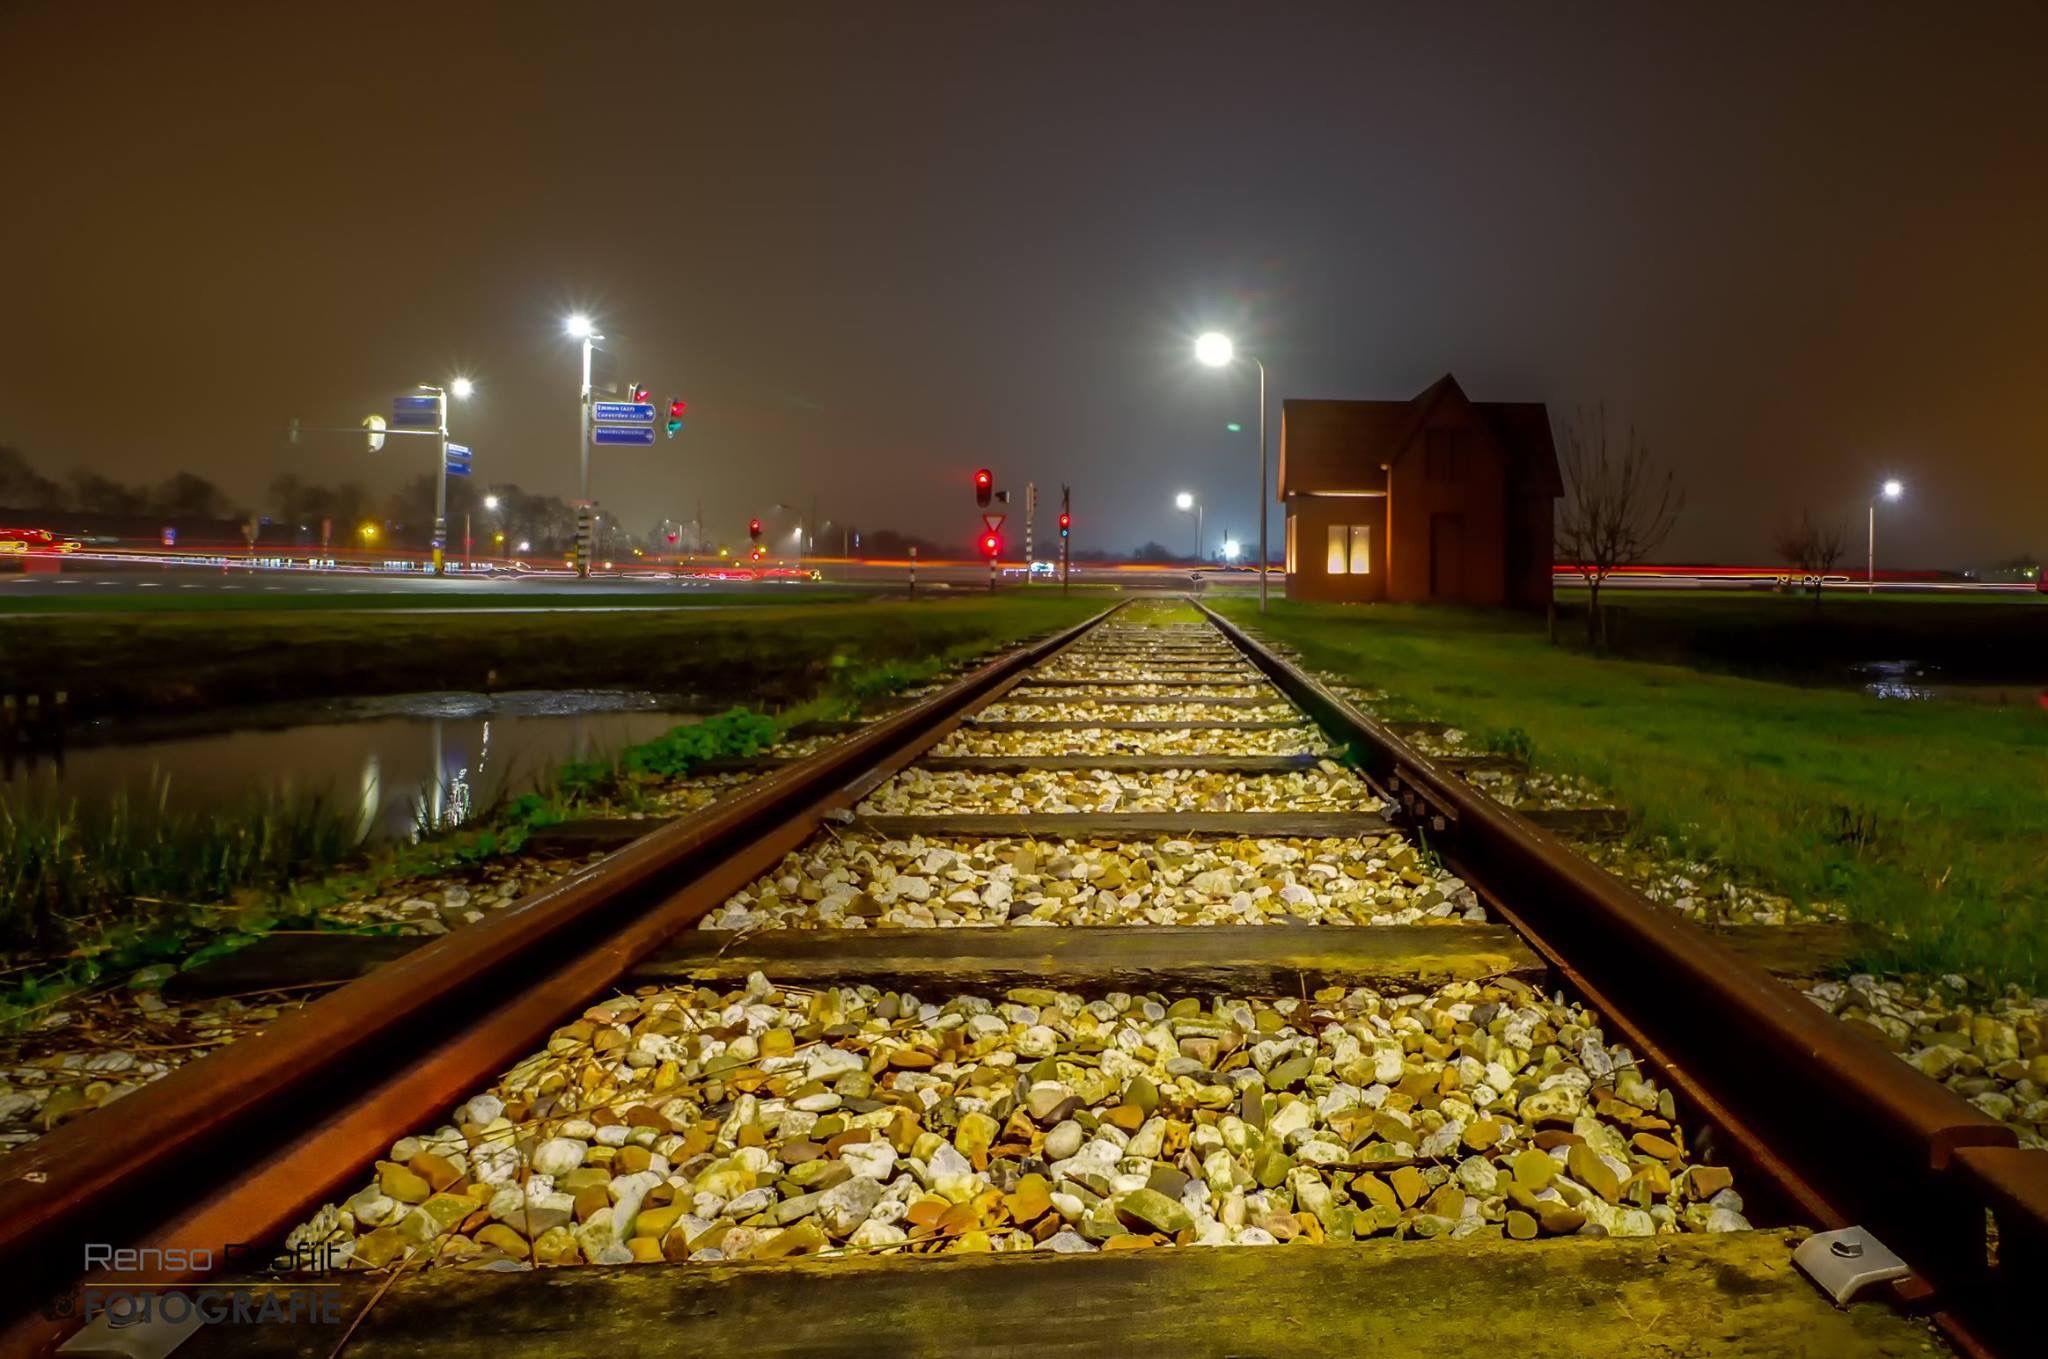 T,huisje bij het spoor, nabij het vliegveld in Hoogeveen.